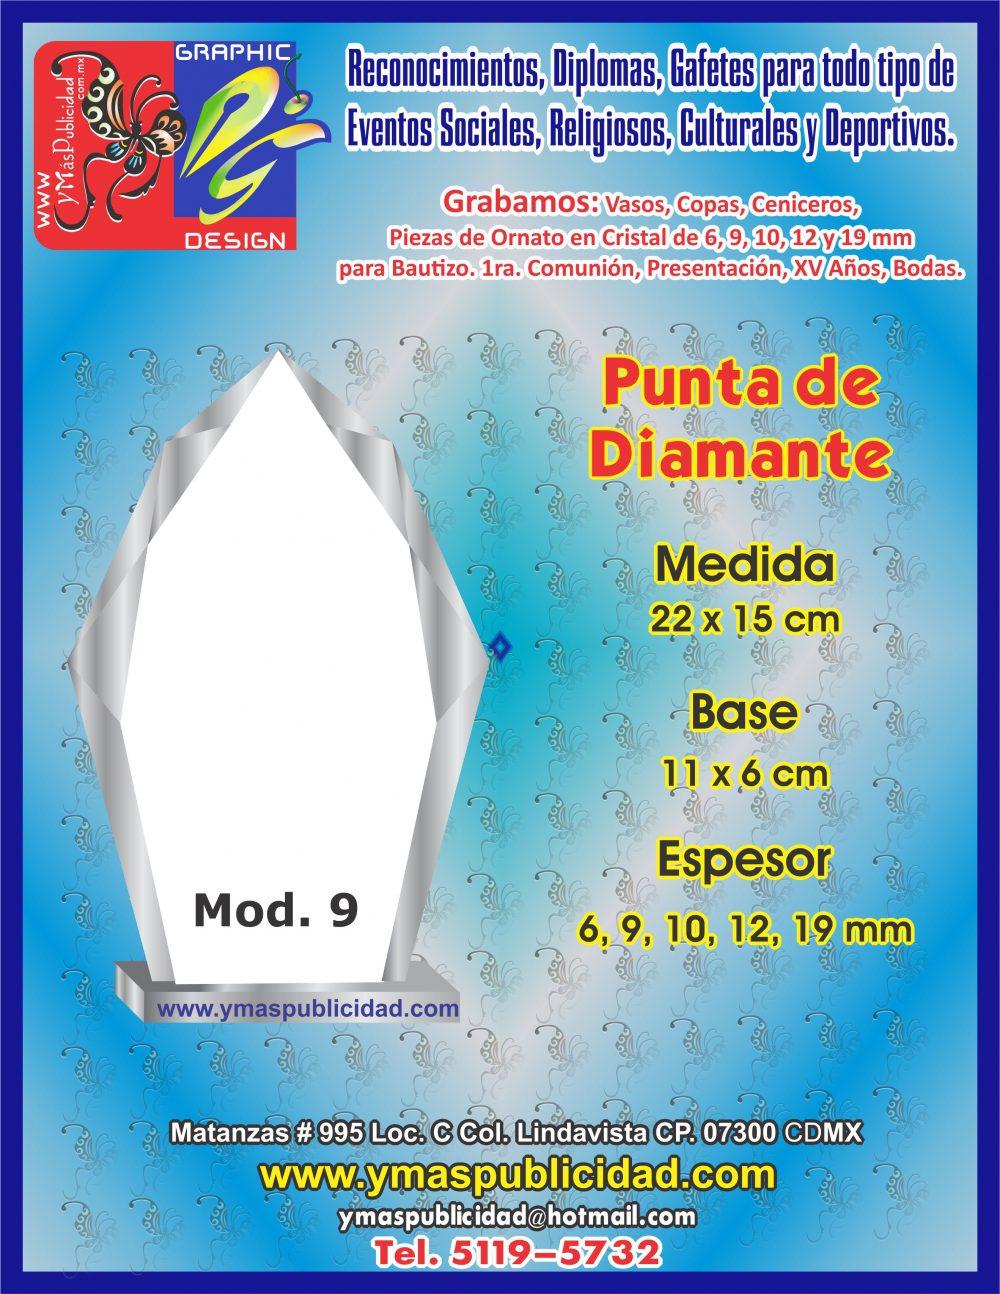 PUNTA DE DIAMANTE